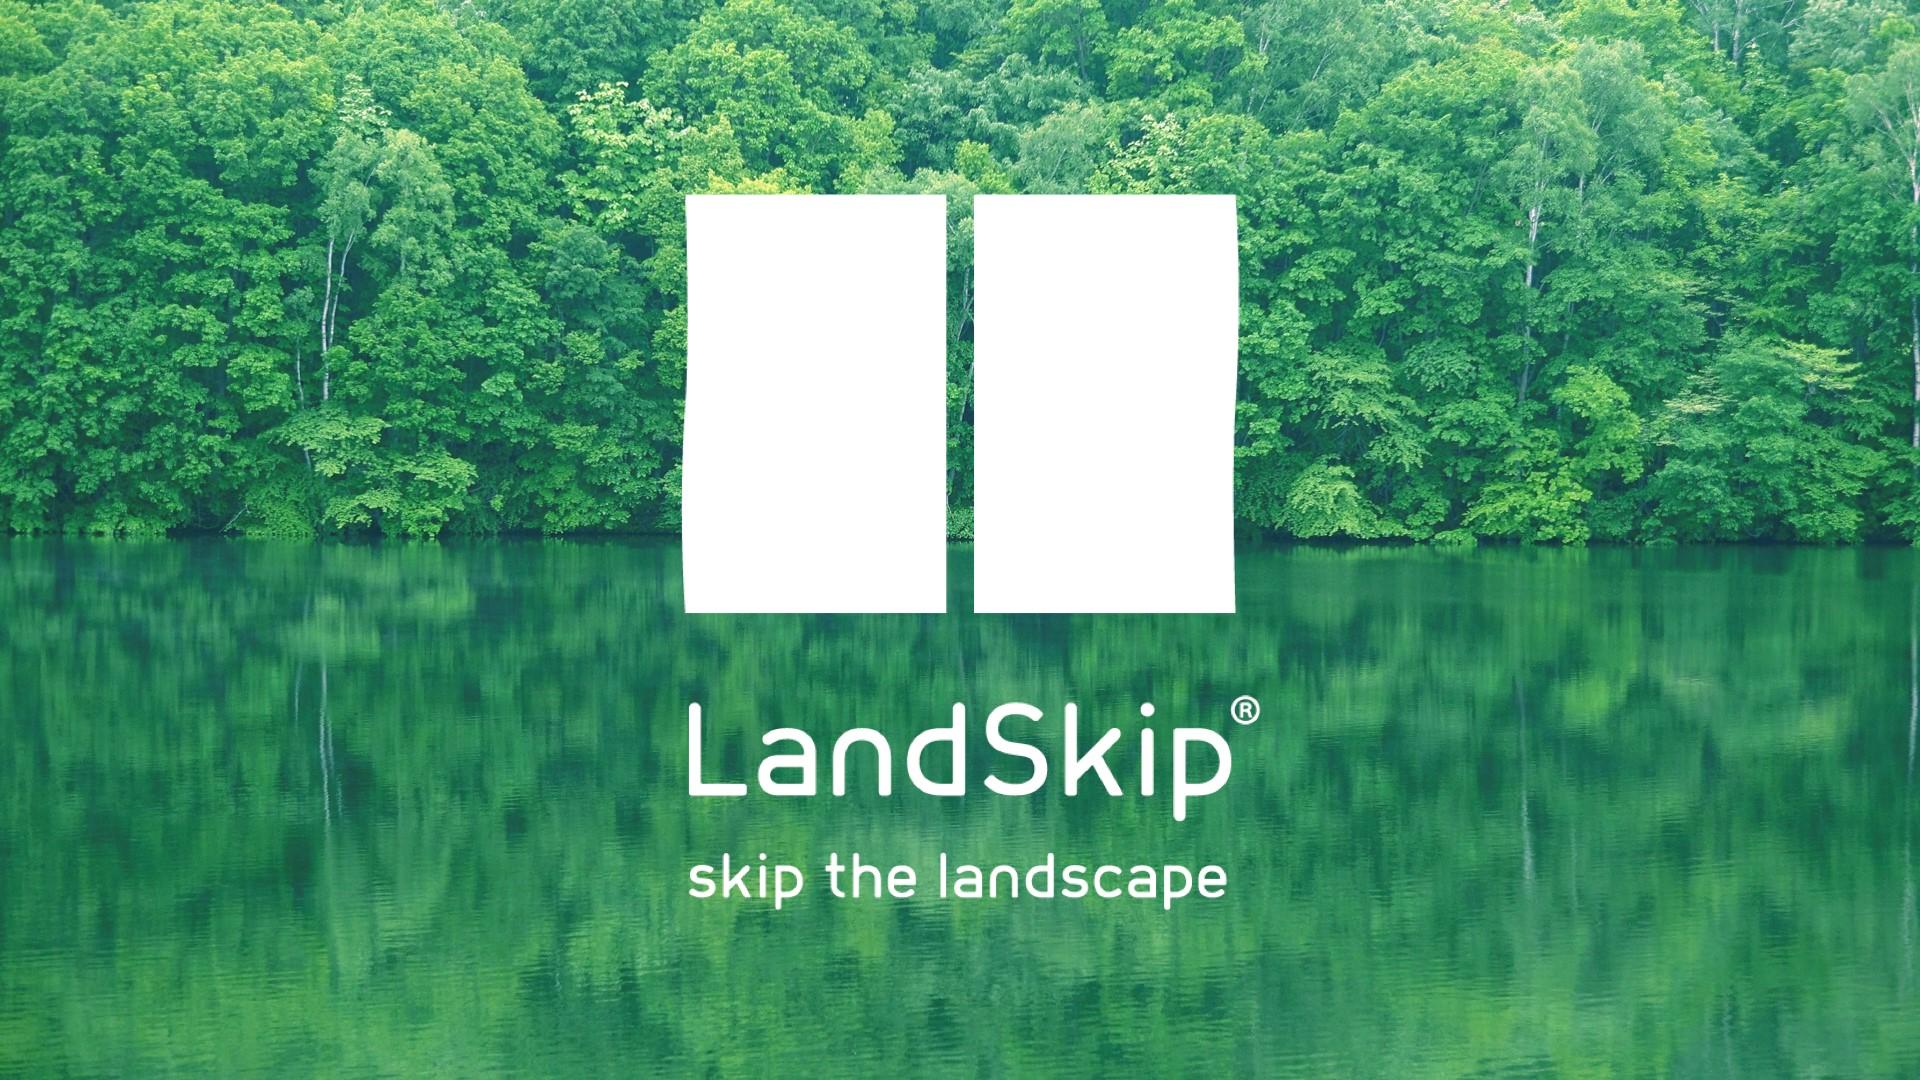 landskip_logo